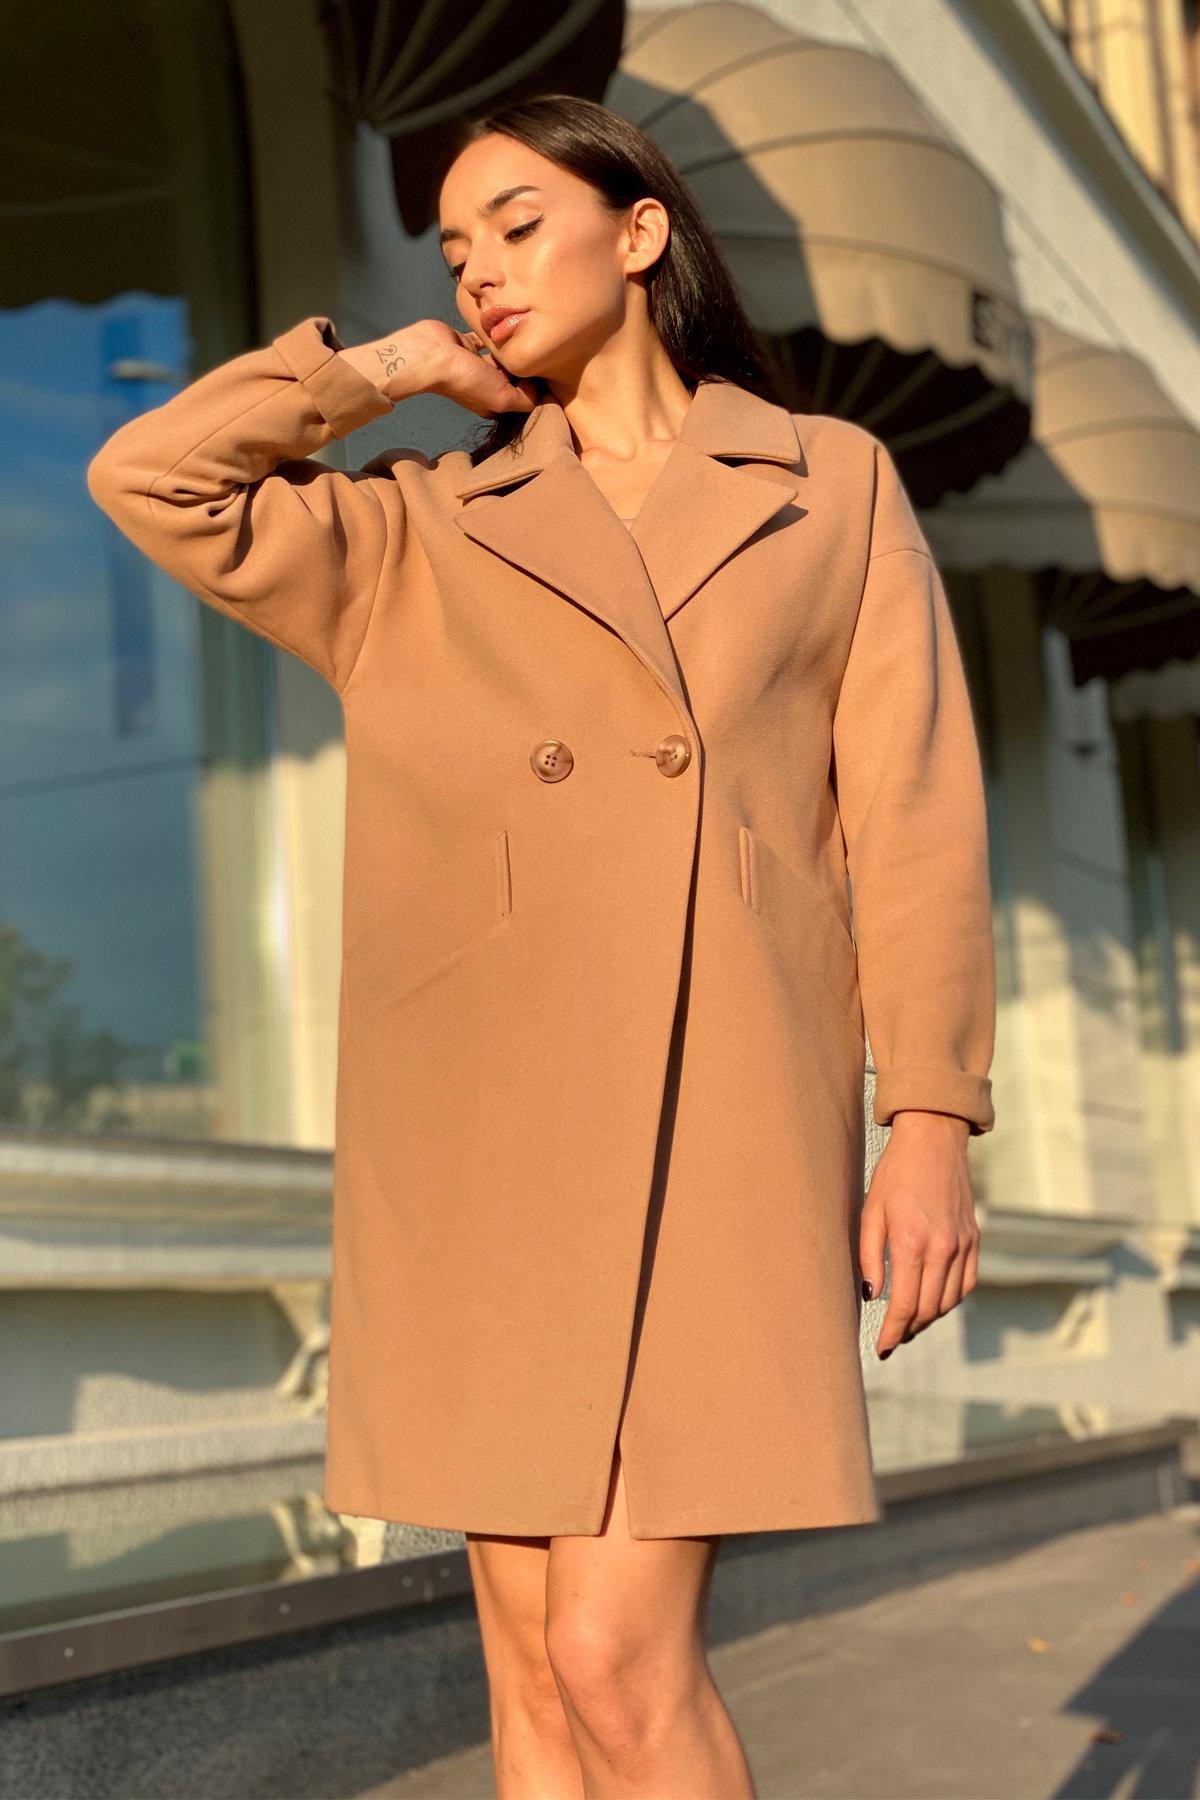 Пальто Сенсей 9006 АРТ. 45318 Цвет: Кемел - фото 1, интернет магазин tm-modus.ru